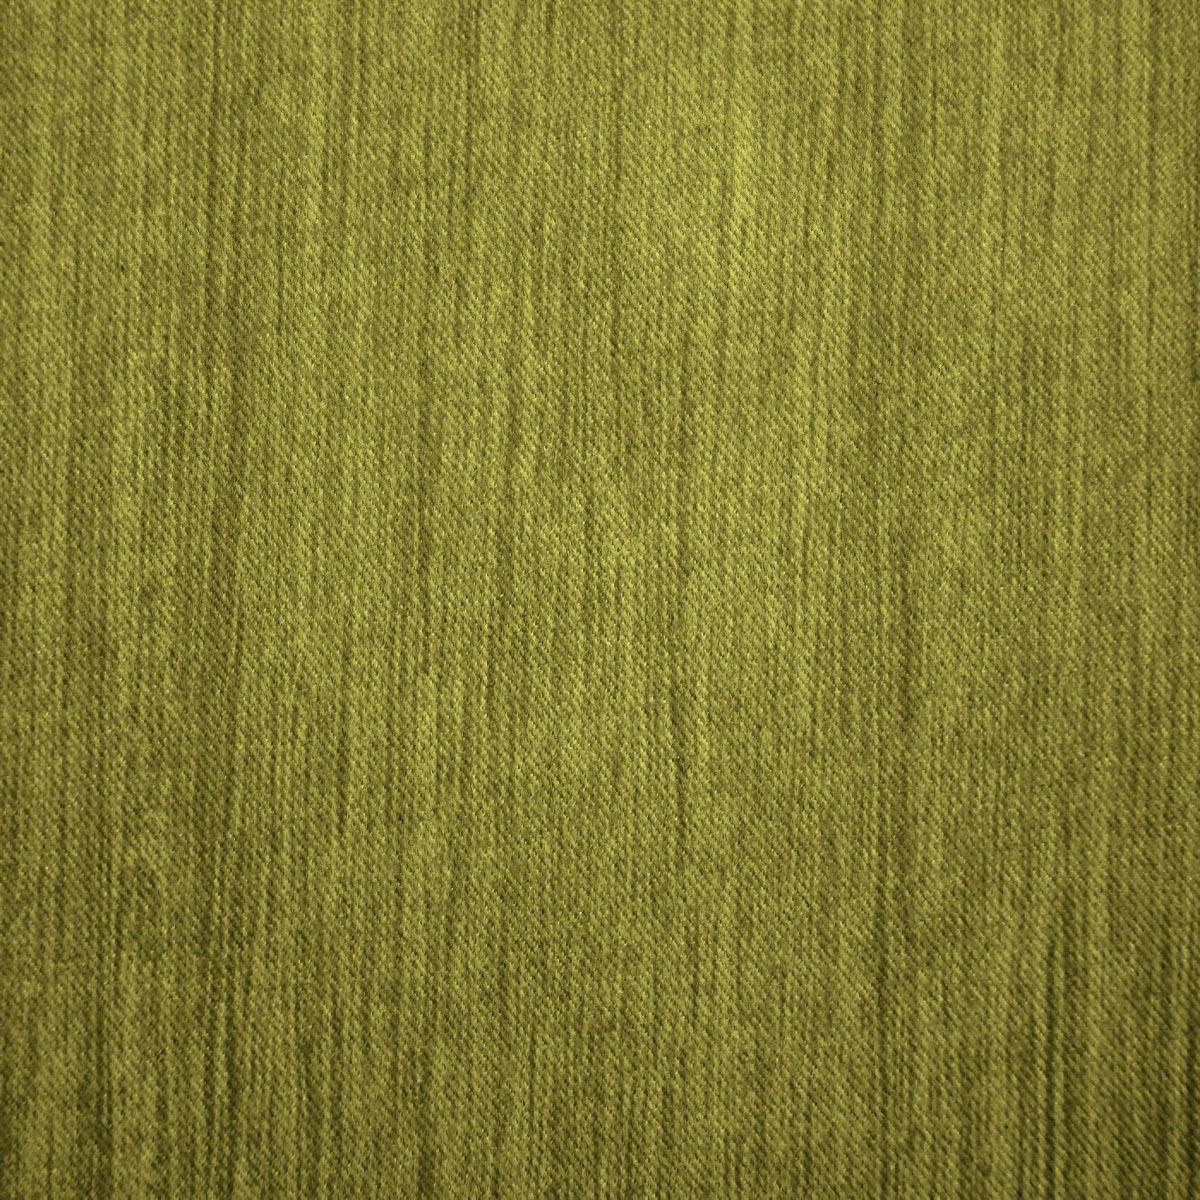 Olzatex Zatemňovací závěs, blackout P7909/026 zelený, šířka 150cm (látka v metráži)